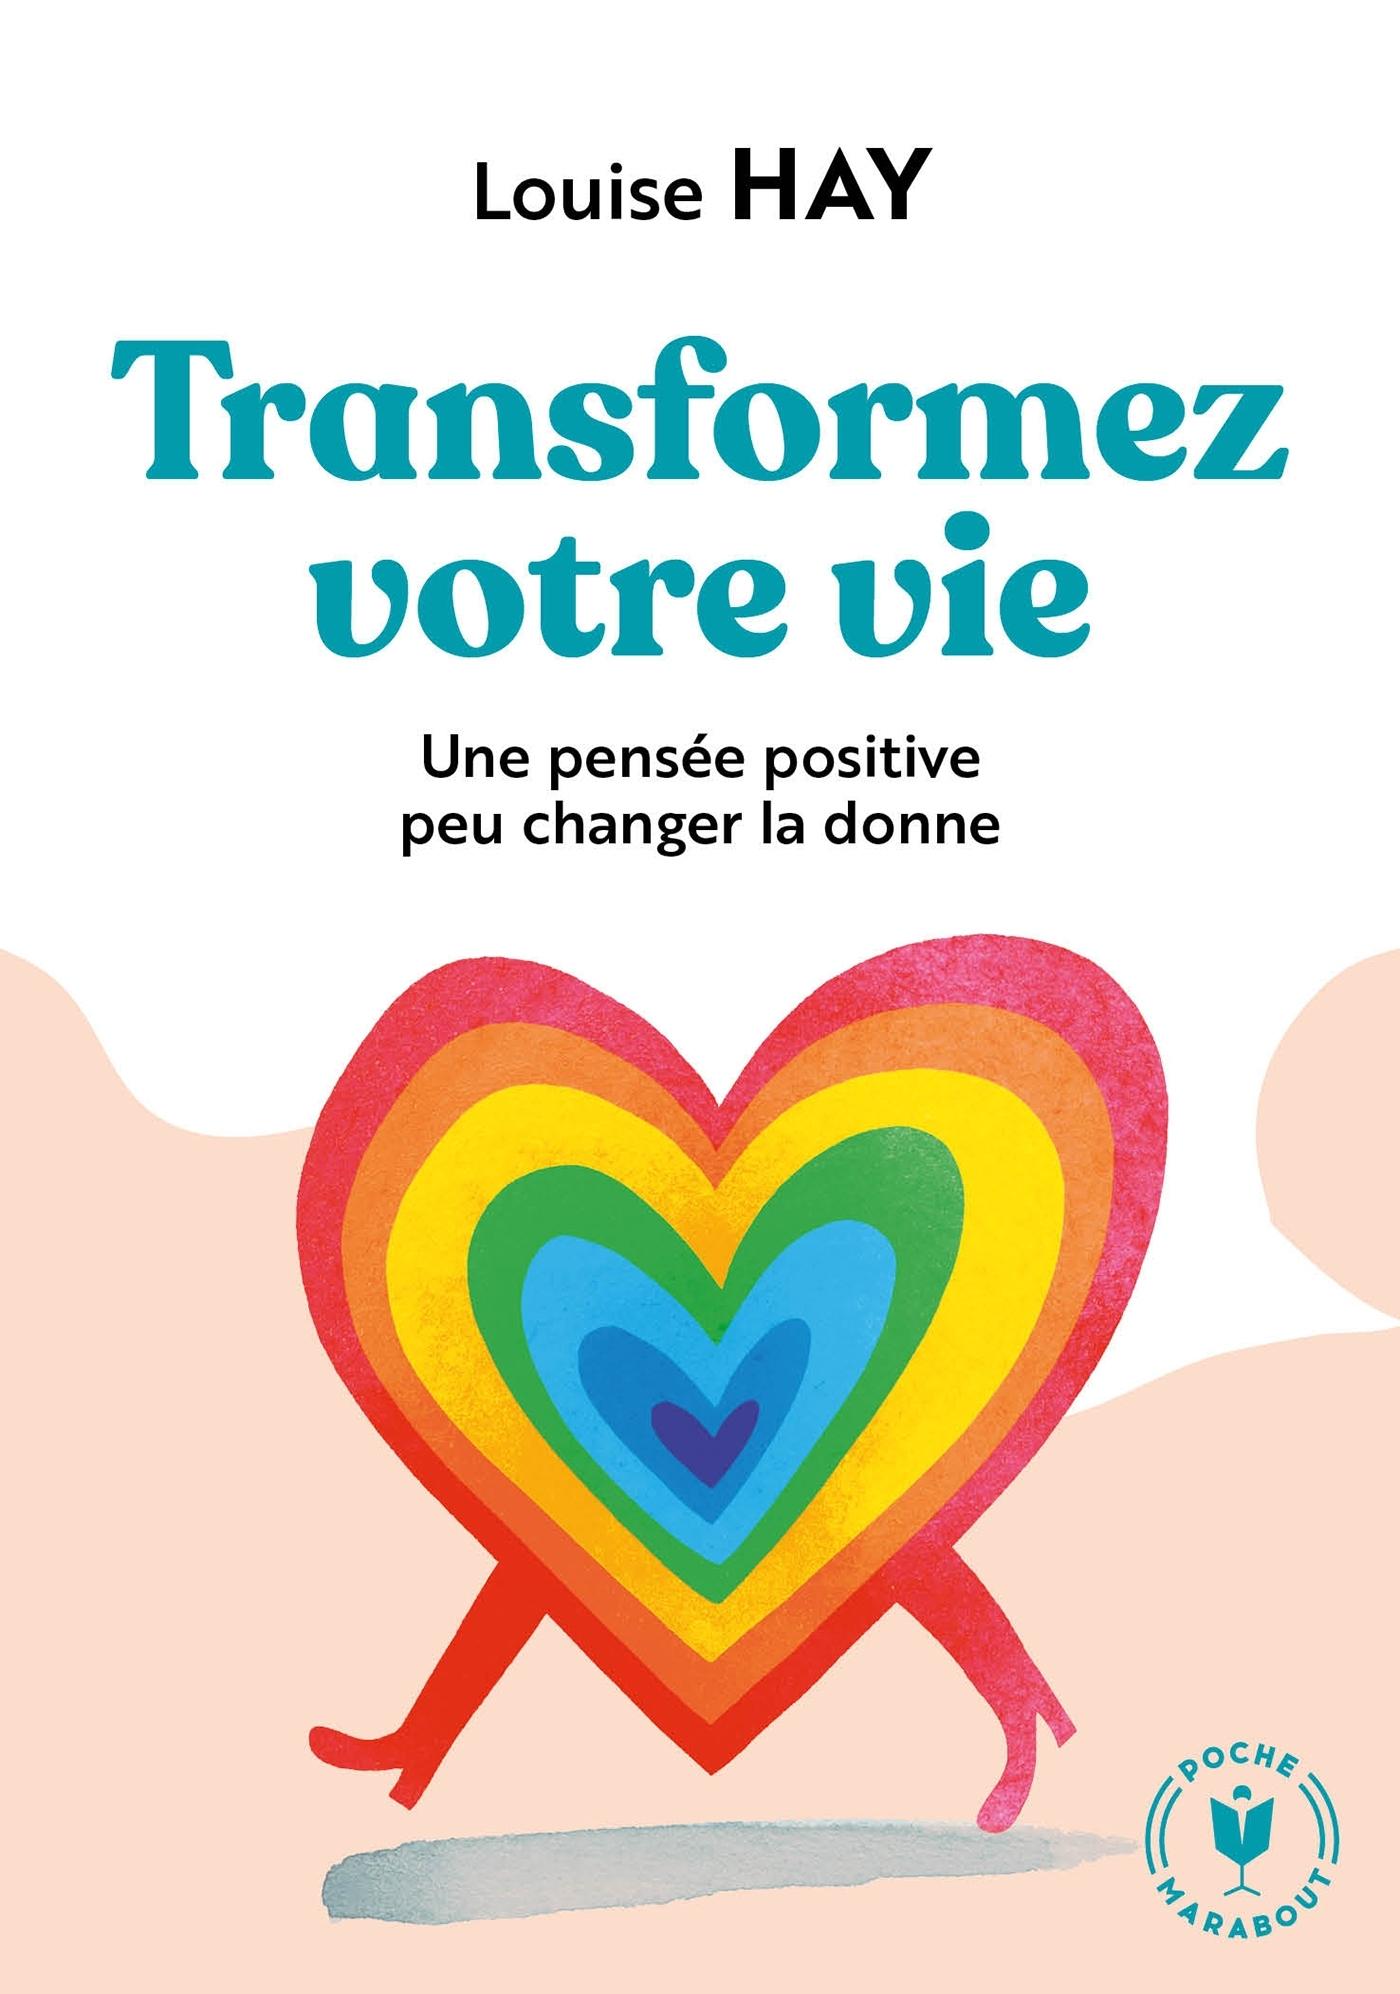 TRANFORMEZ VOTRE VIE - UNE PENSEE POSITIVE PEUT CHANGER LA DONNE